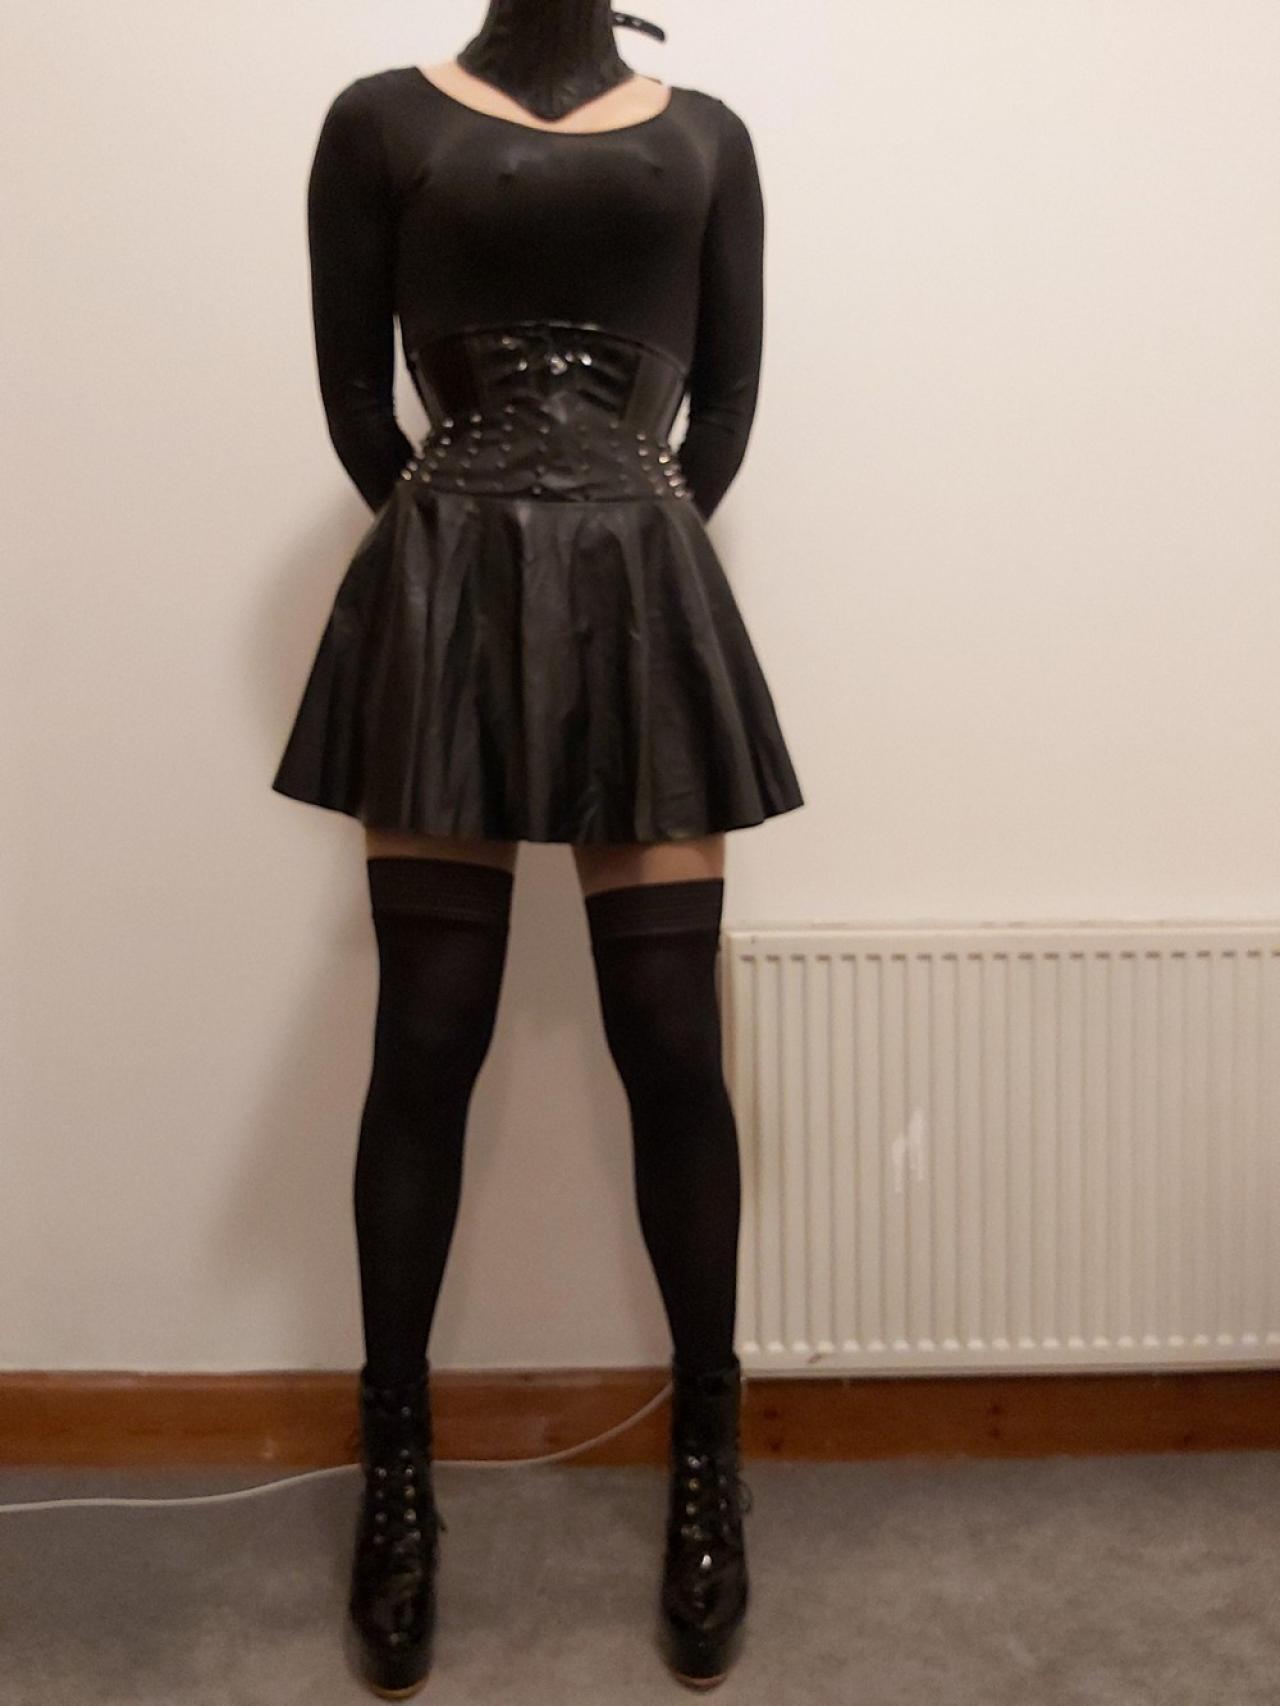 А вам нравятся девушки в корсетах? Всячина